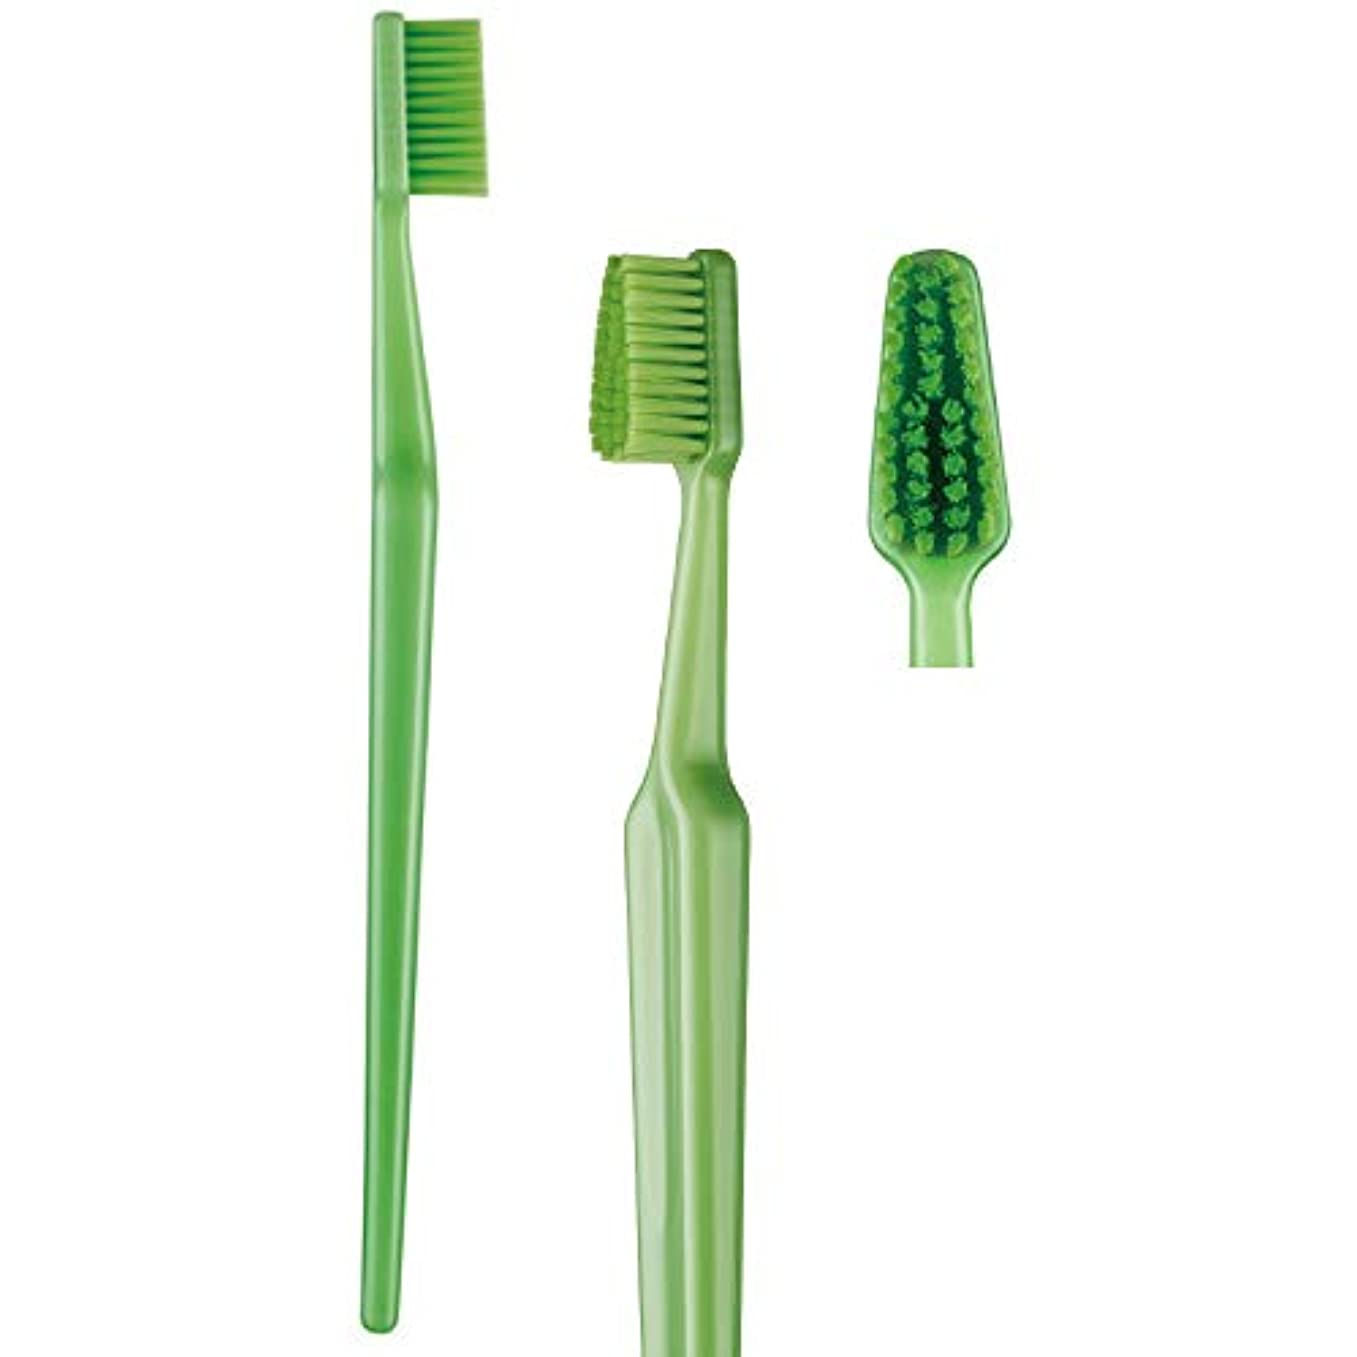 考古学者許されるユダヤ人歯科専売品 大人用歯ブラシ TePe GOOD (グッド) レギュラー ソフト(やわらかめ) ヘッド大 1本